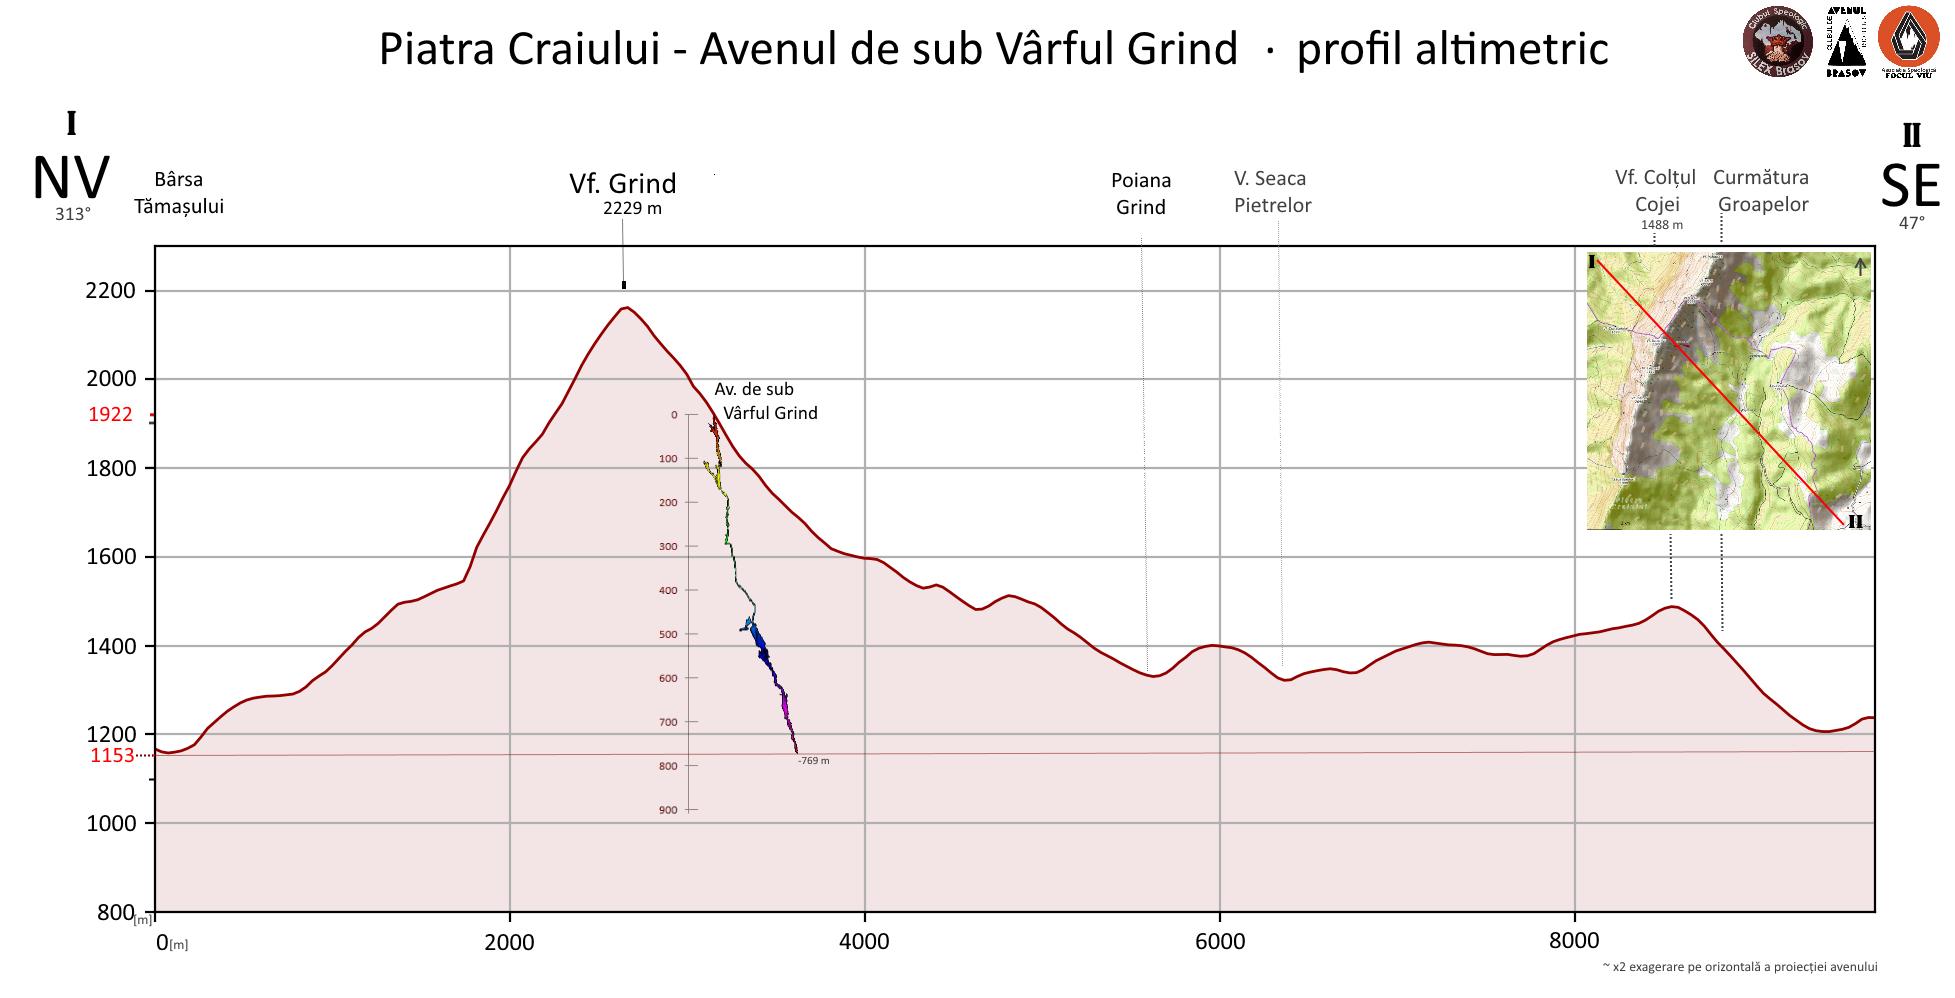 Avenul de sub Vârful Grind - Piatra Craiului  profil altimetric